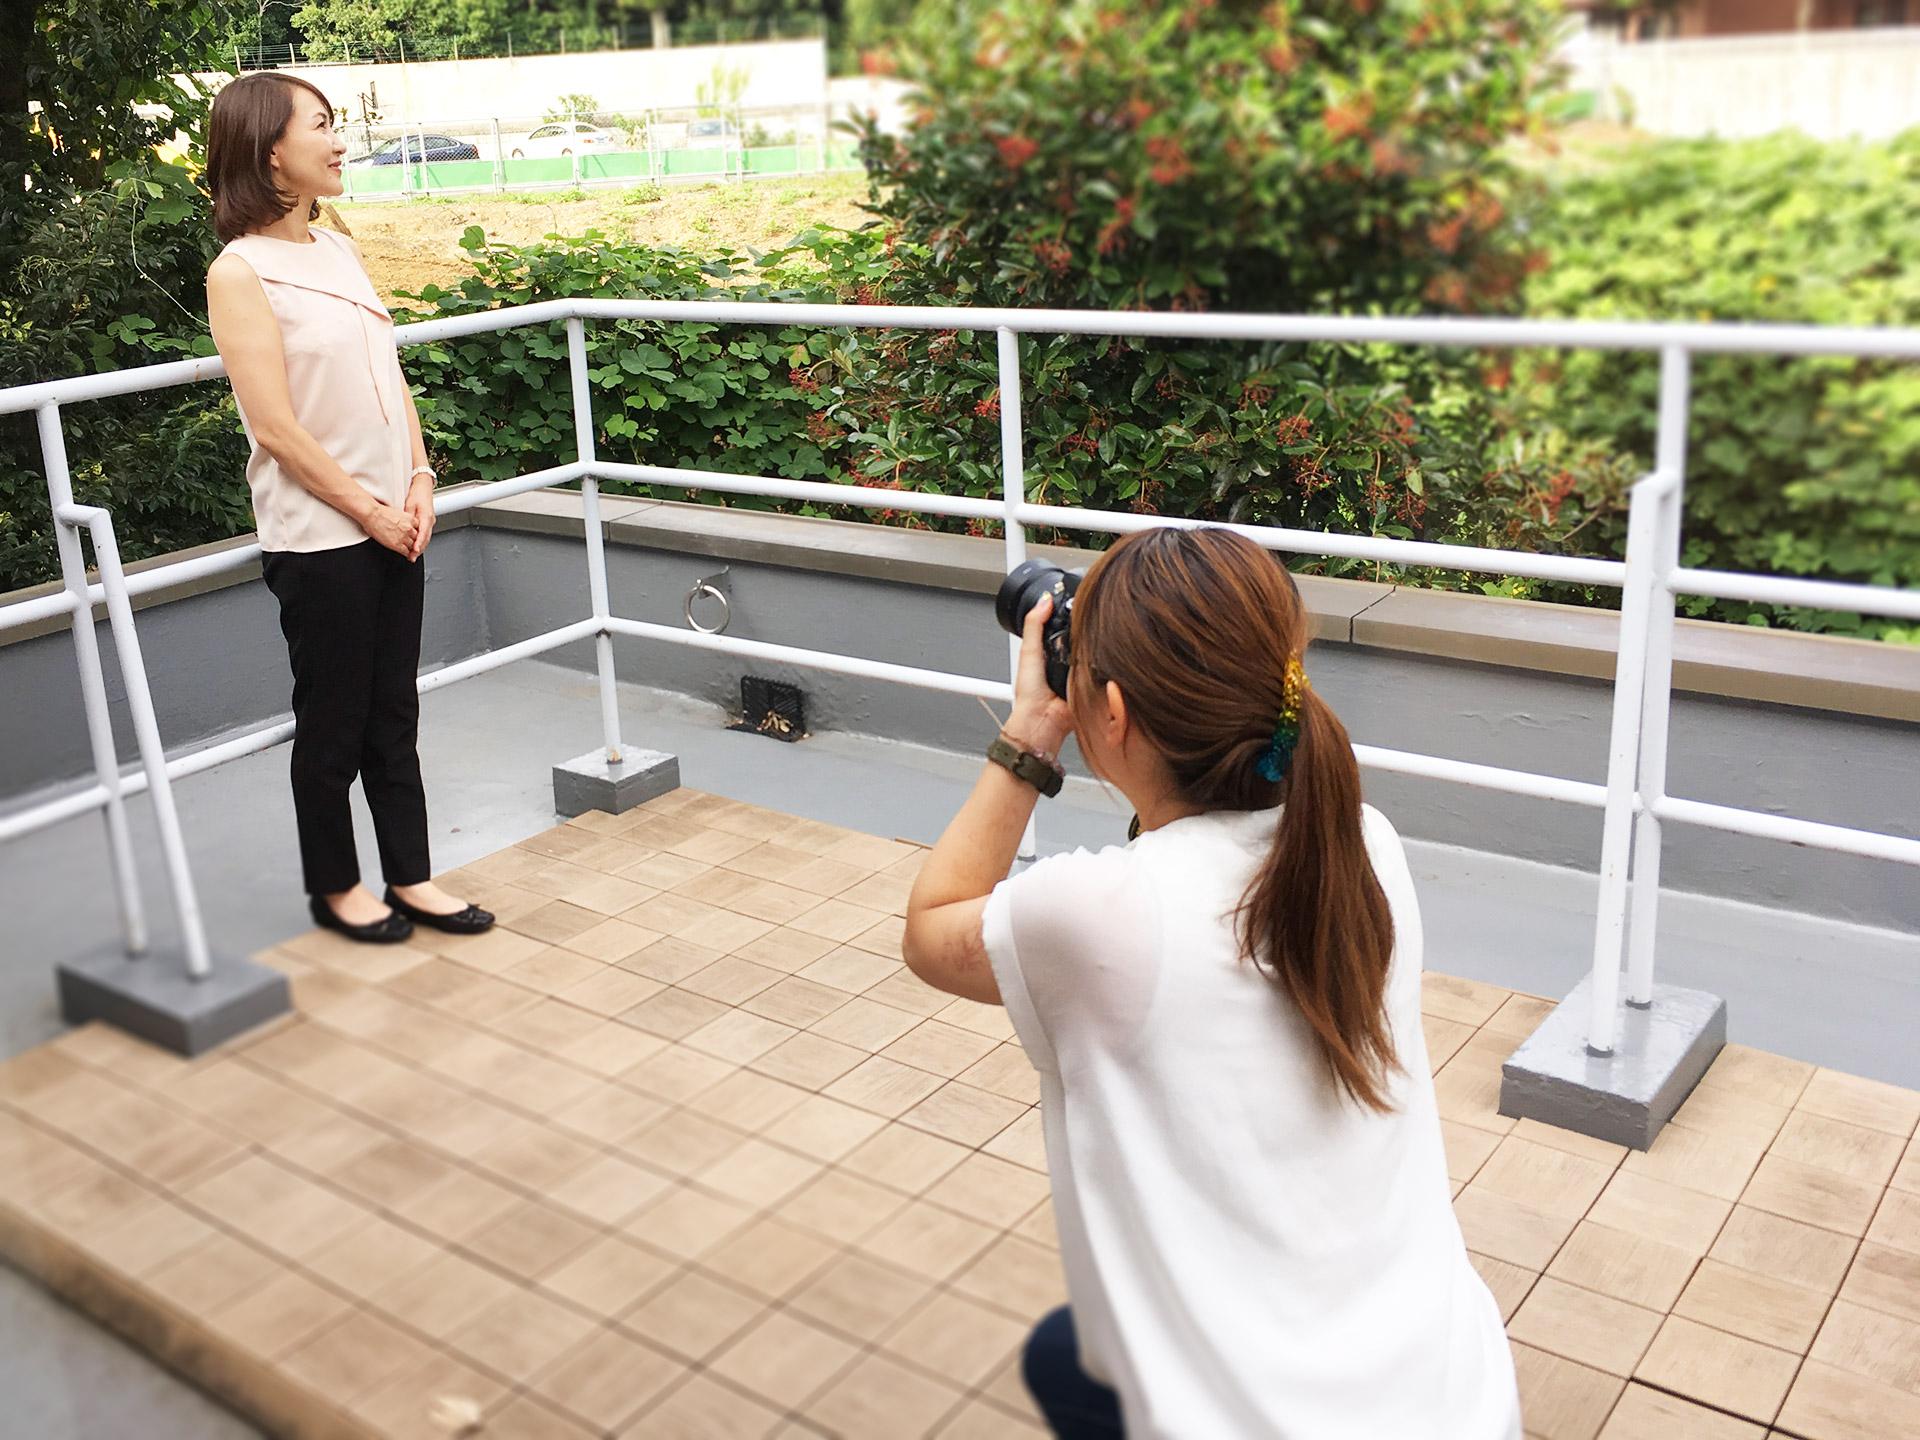 どんな人?あなたの写真が見えることは信頼や安心を与える重要なポイント。グラマラスエイチ麻布広尾はそんなお手伝いができる写真撮影のサービスもご用意しております!